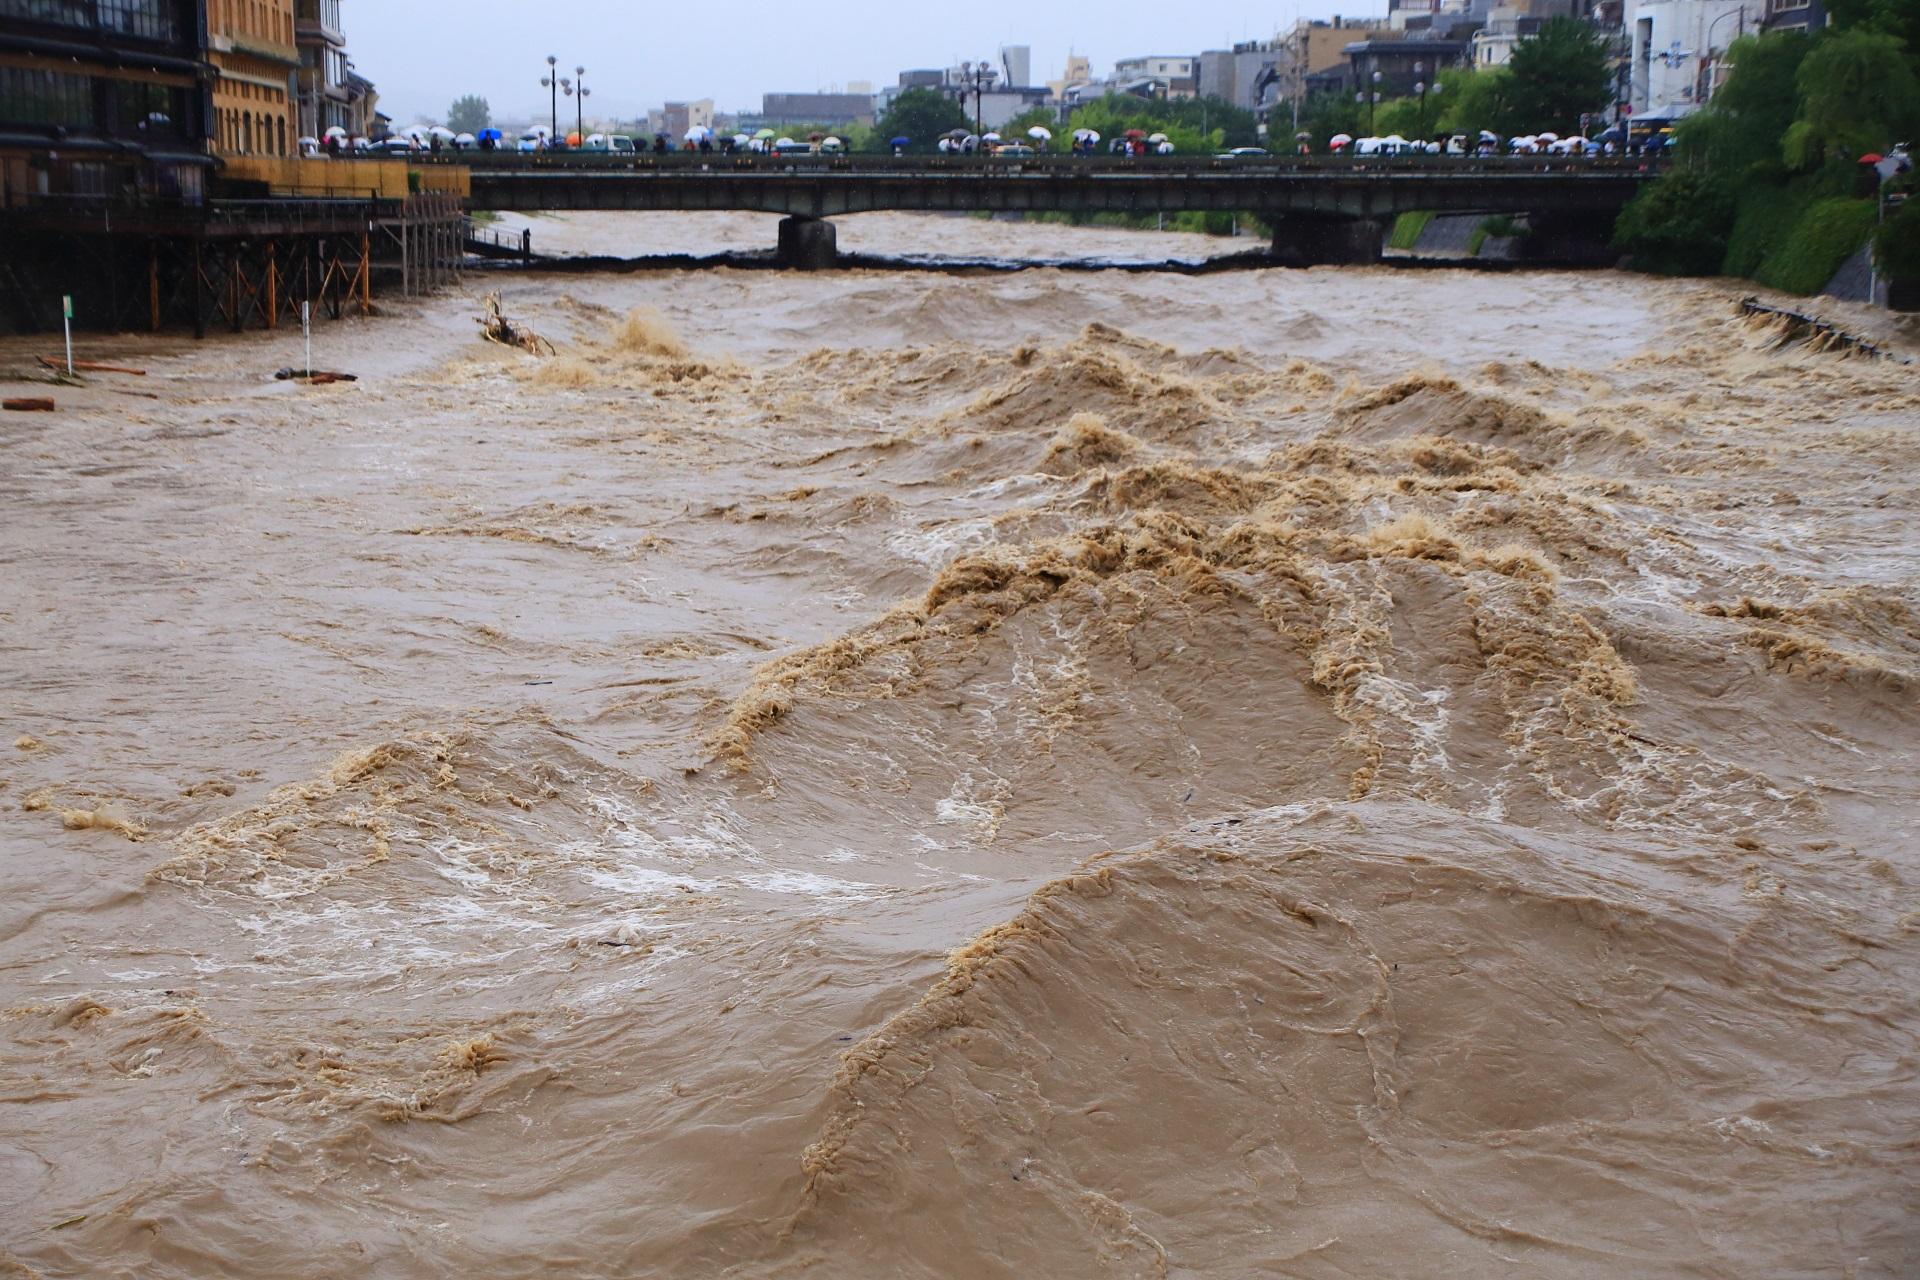 音を立てて波打つ鴨川の濁流